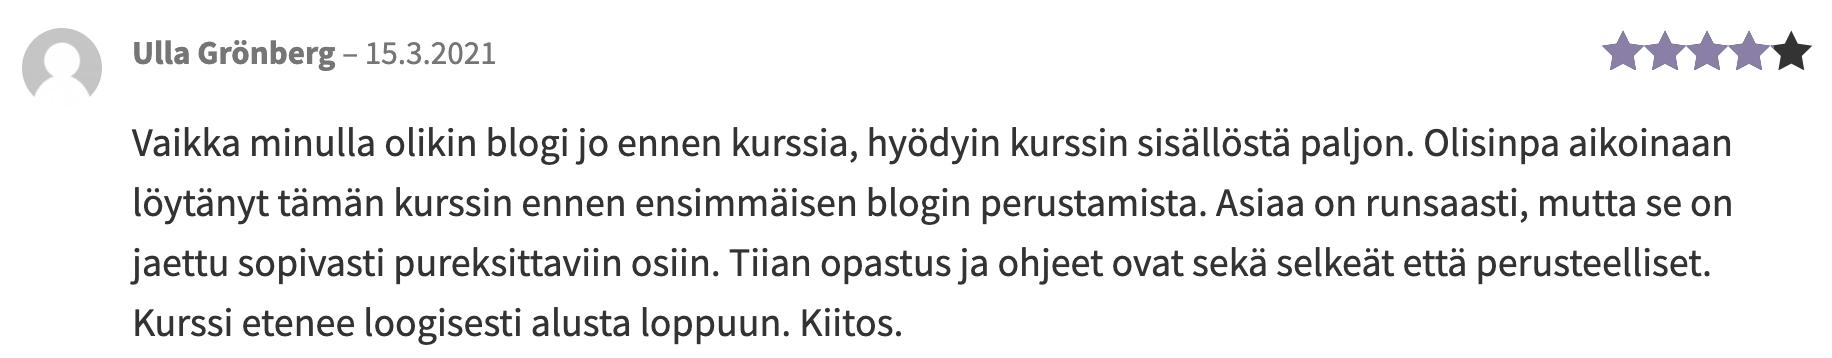 palaute_ulla